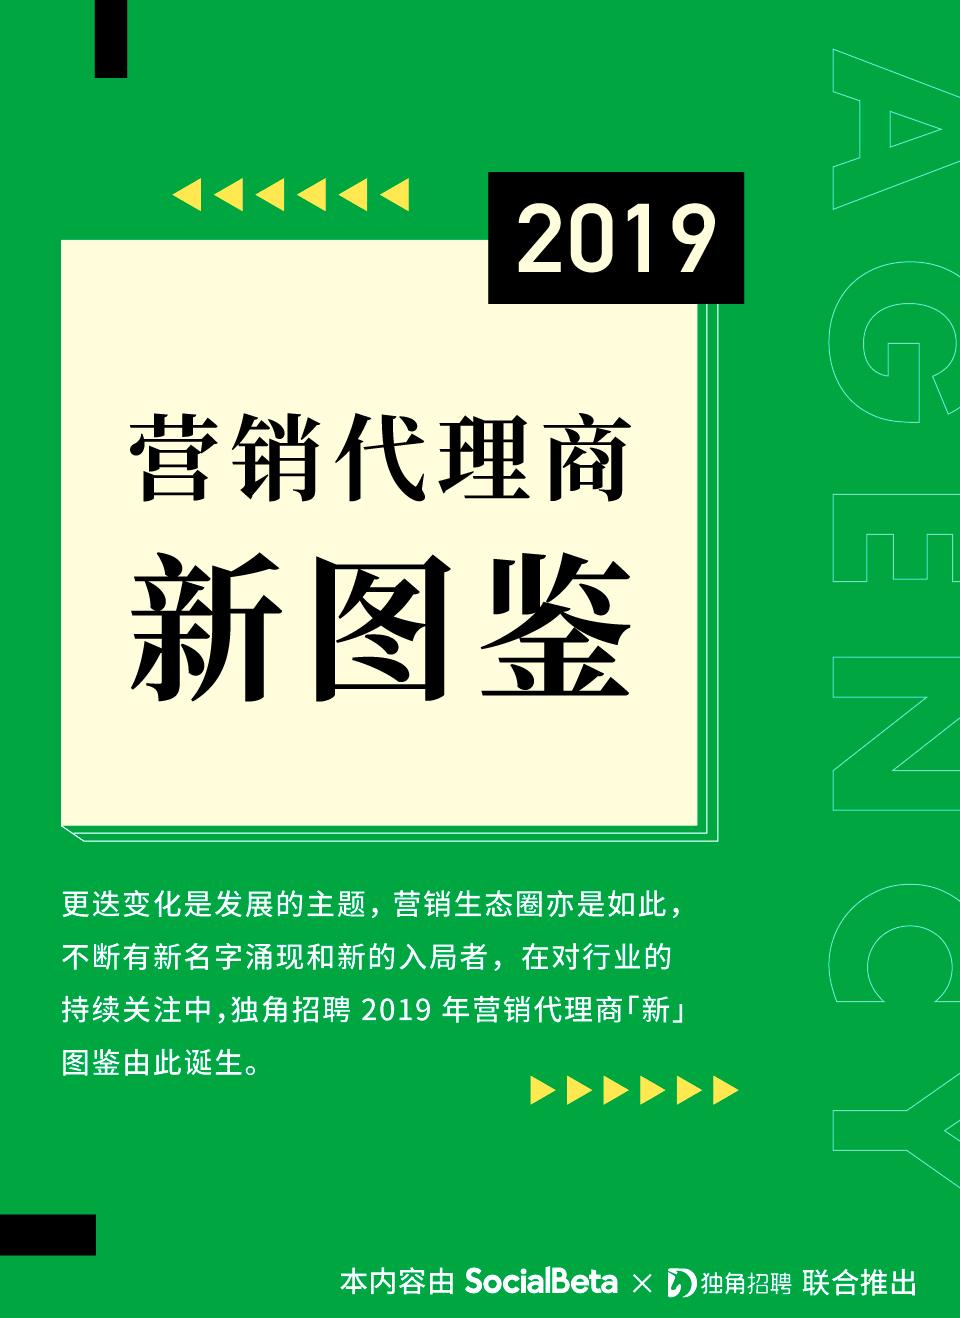 2019 年营销代理商「新」图鉴暨营销人求职跳槽指南